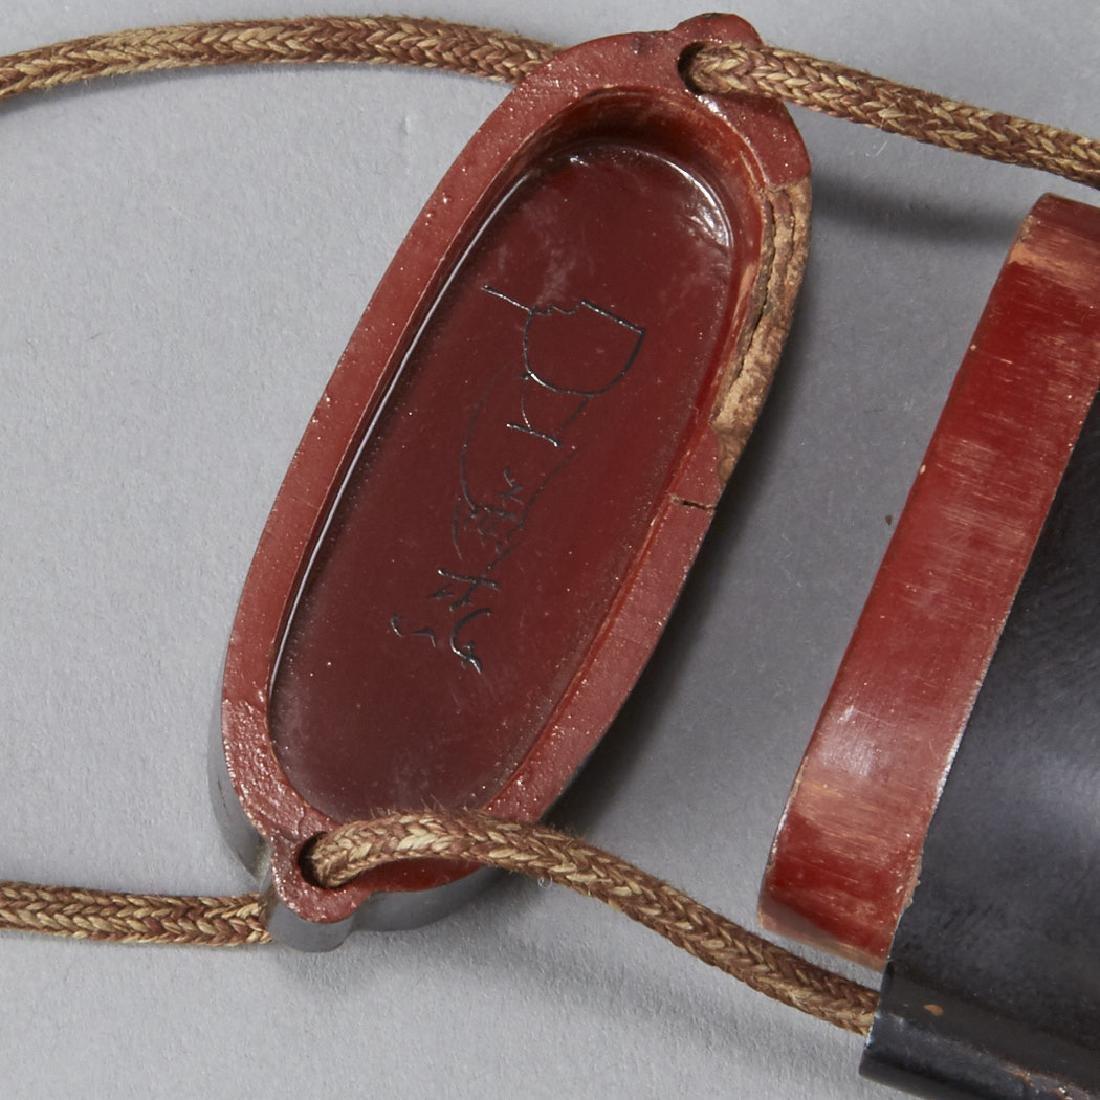 2 Edo Period Japanese Lacquer Inro - BTC Acpt - 4